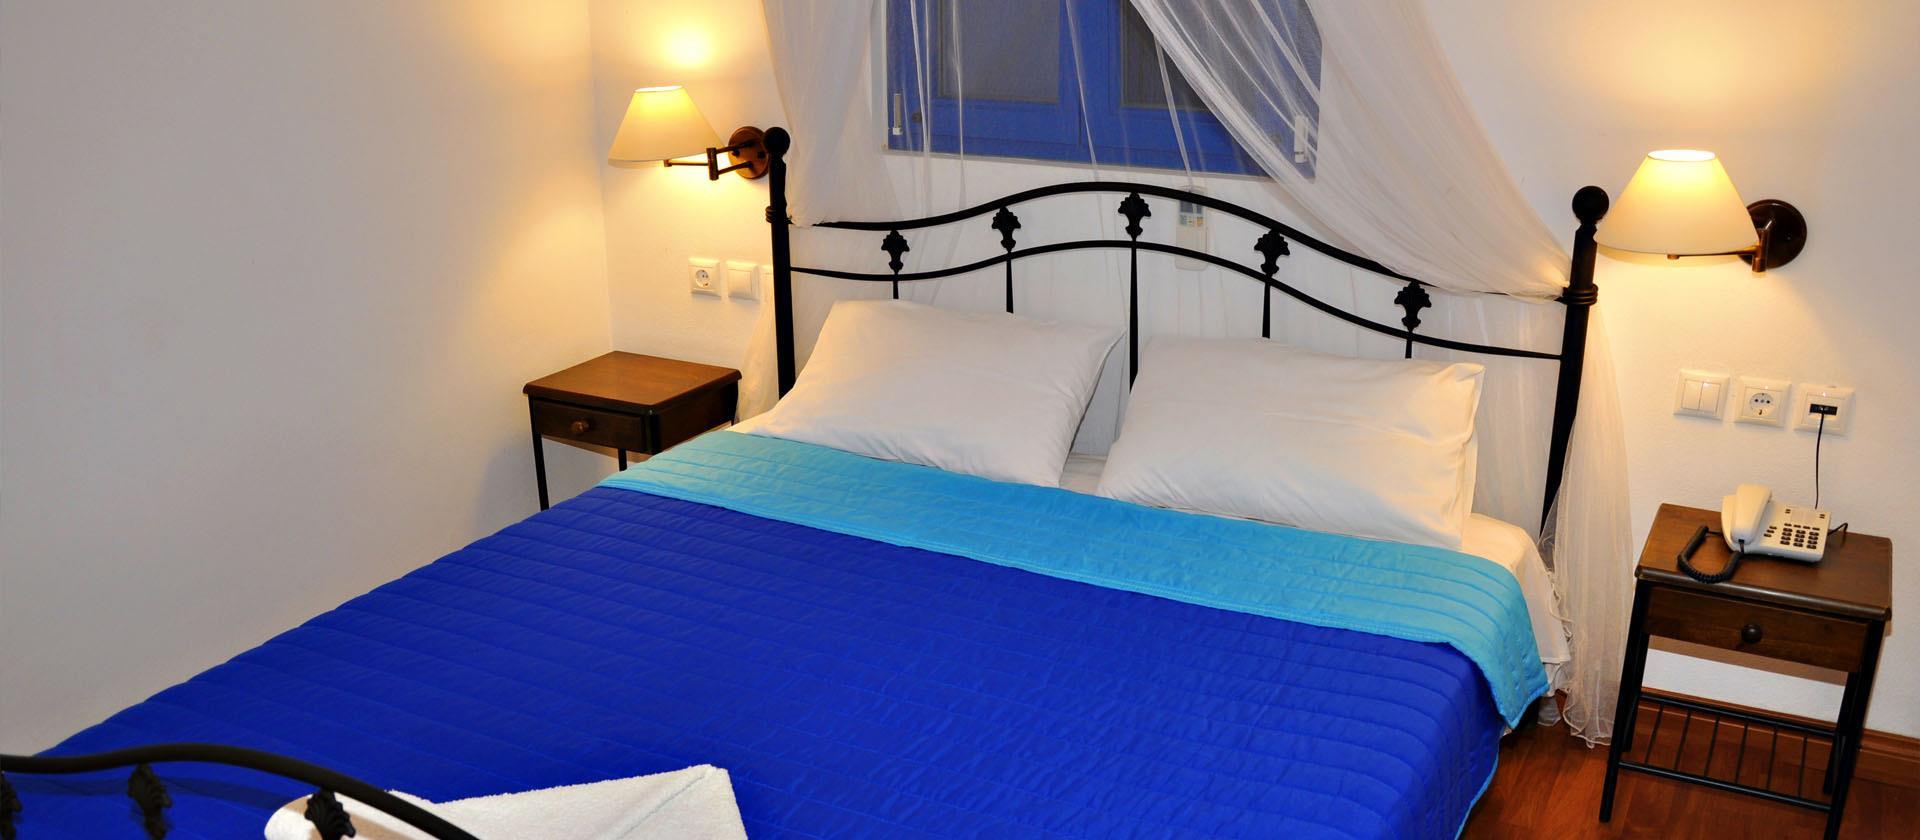 Elli Bay Hotel Apartments